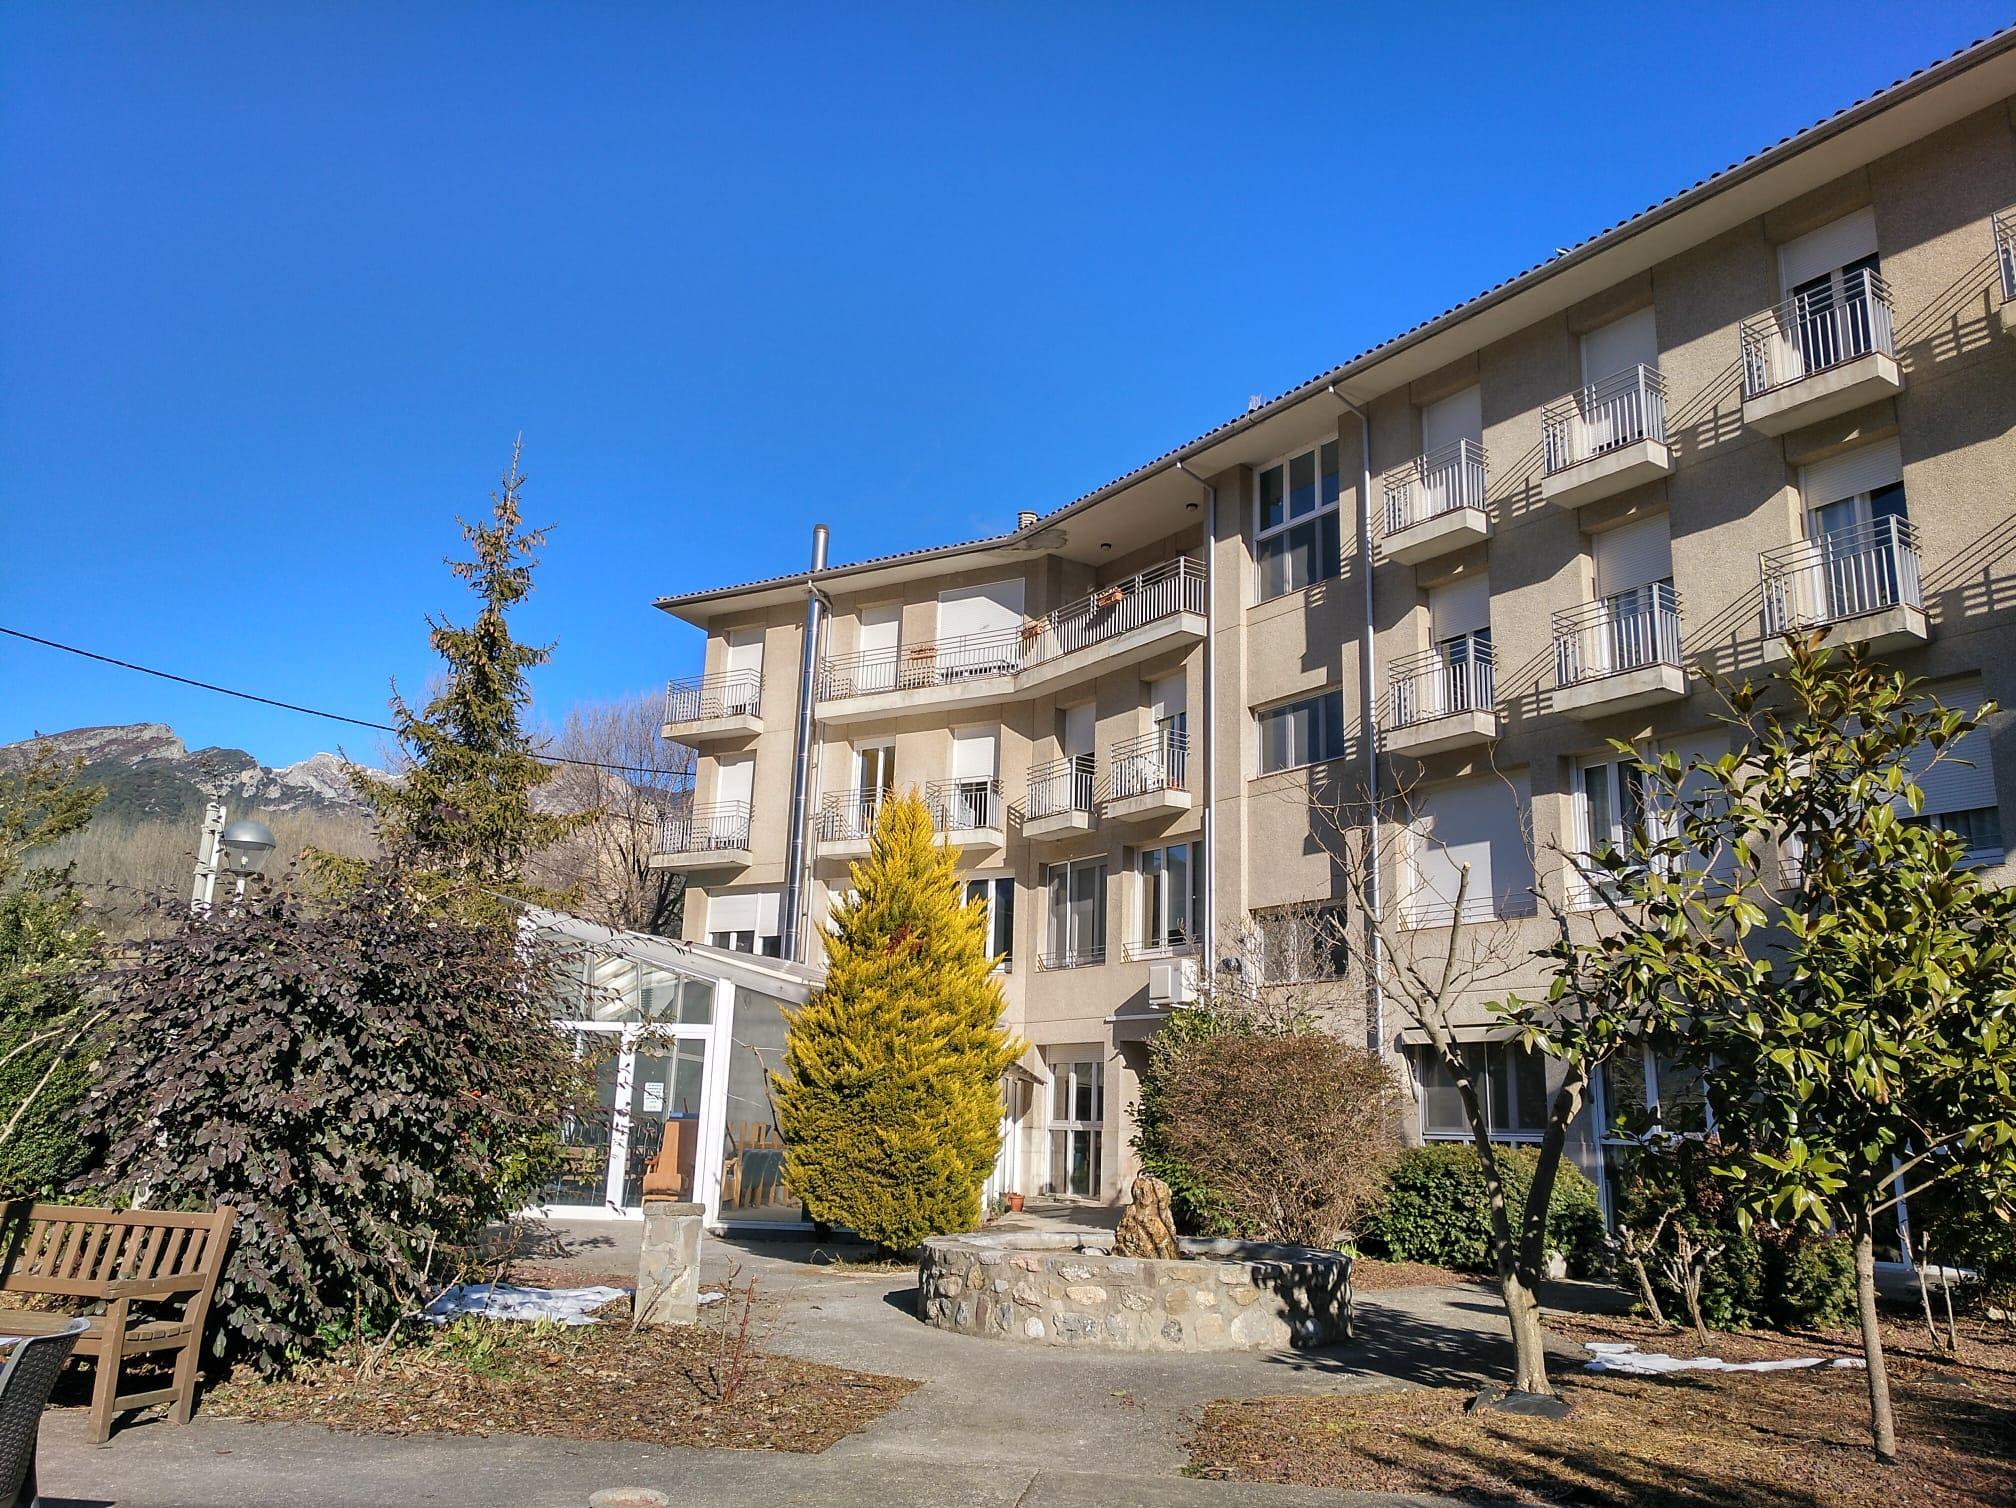 Residencia_Colisée_Bagá_Exterior_1